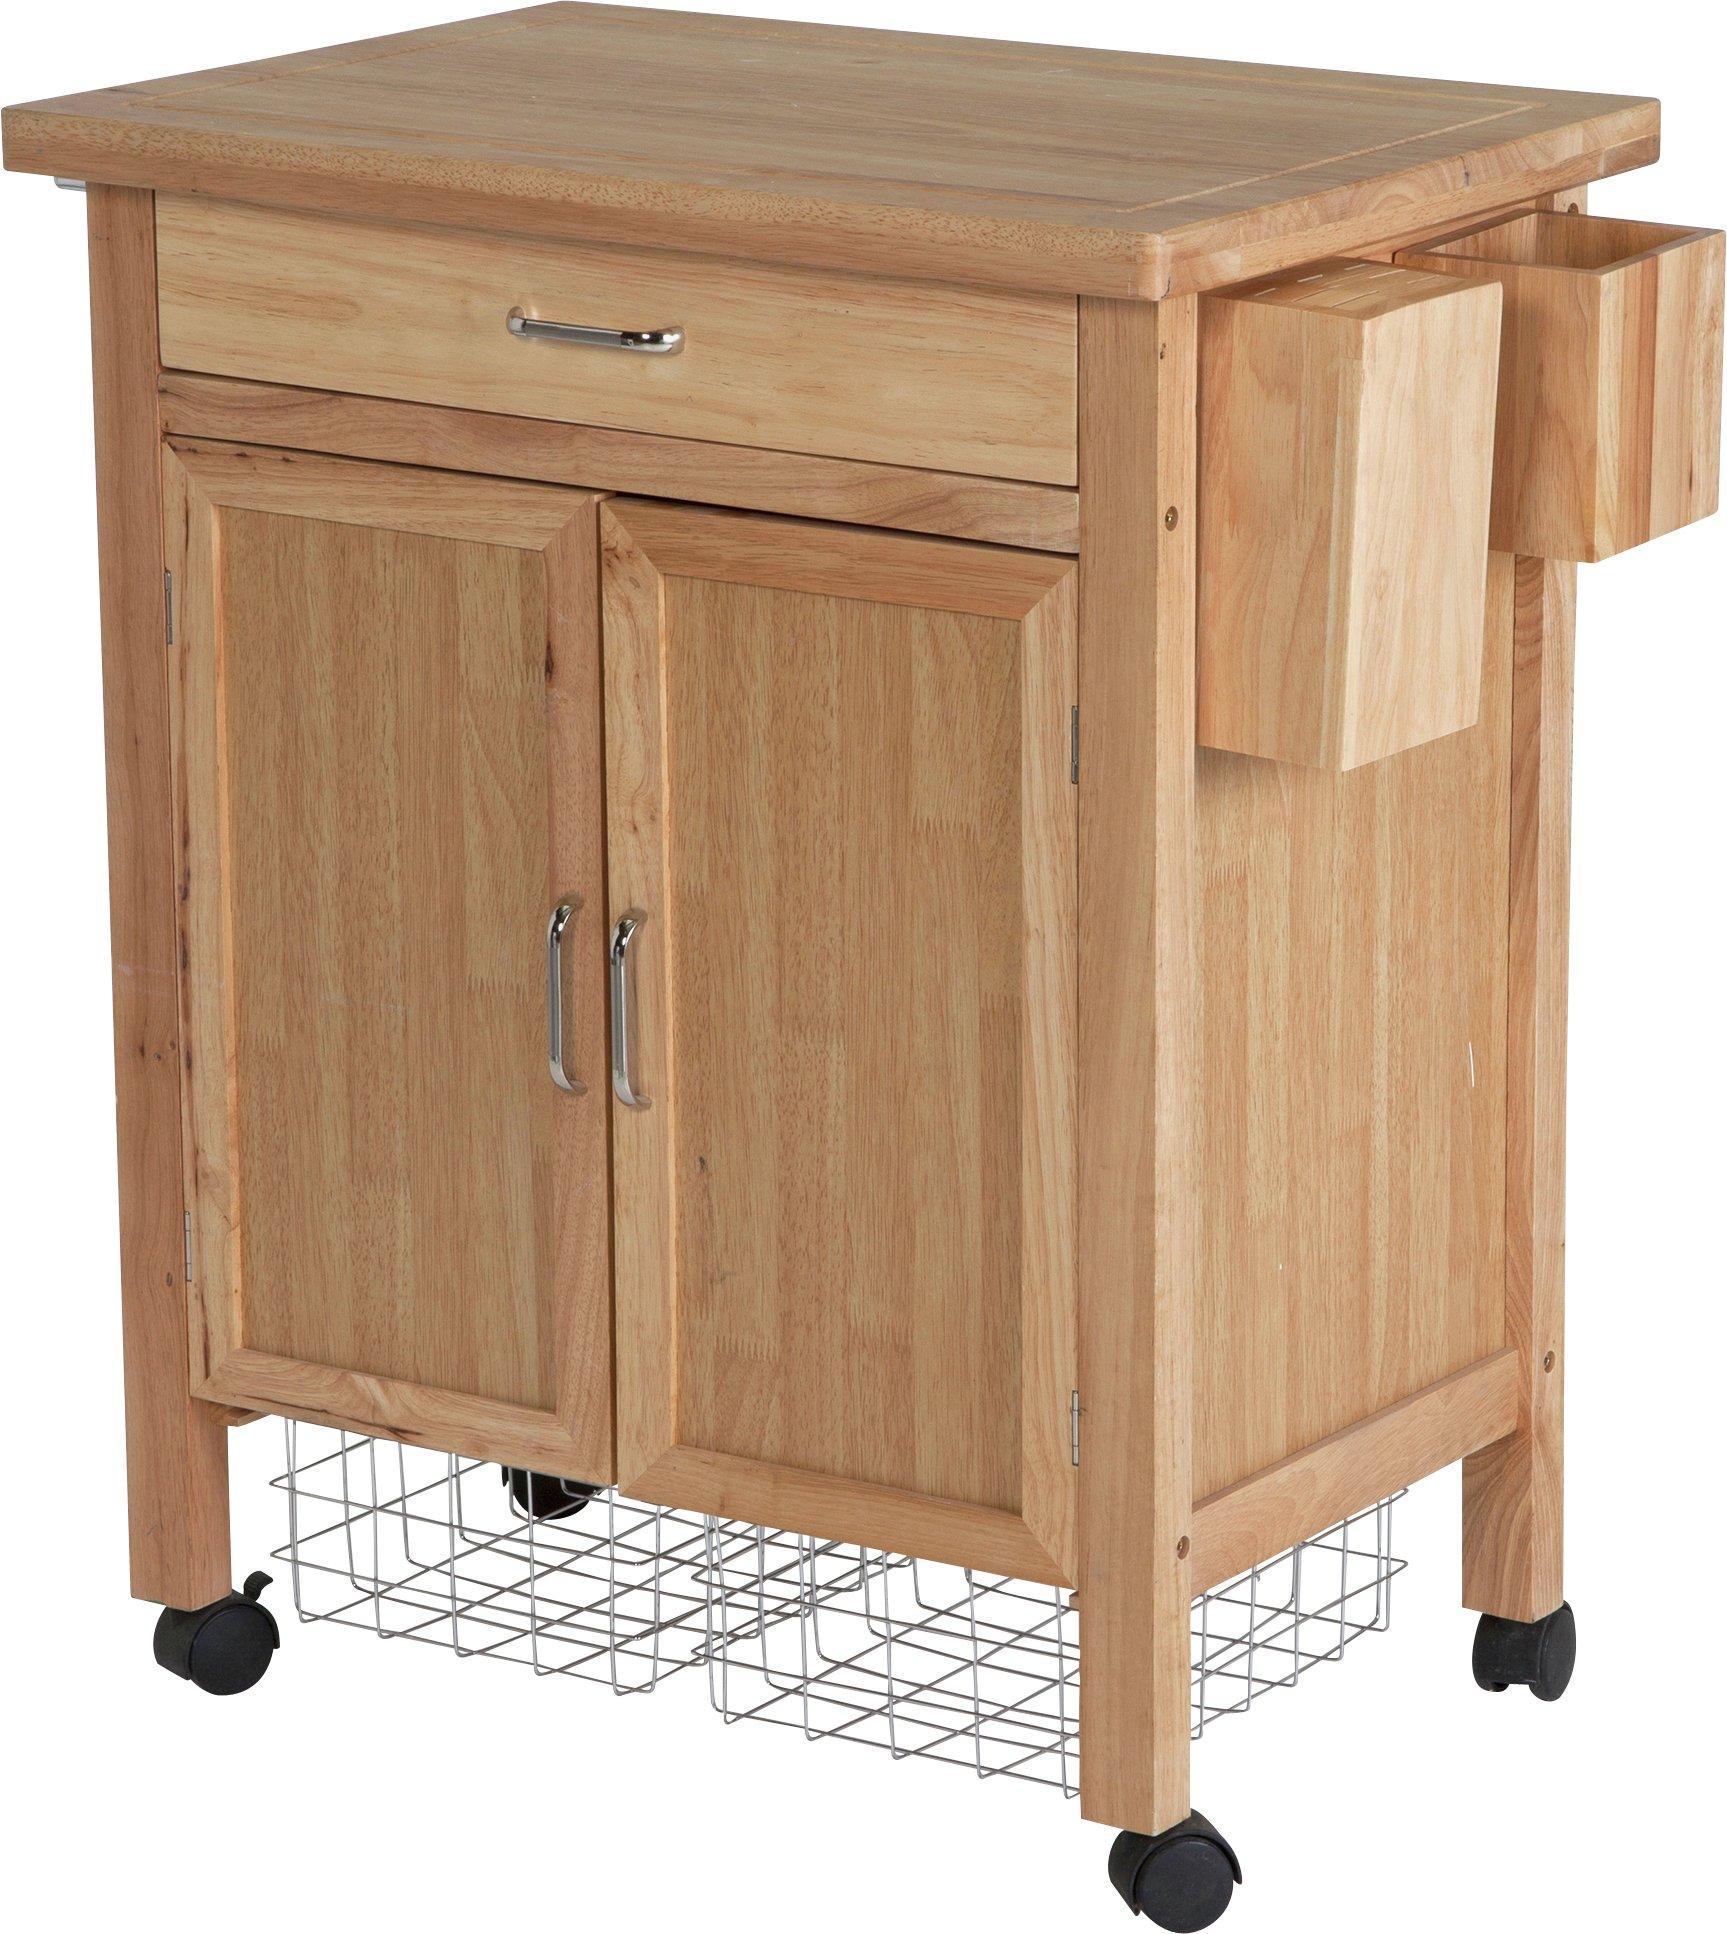 Argos Home Tollerton Wooden Kitchen Trolley